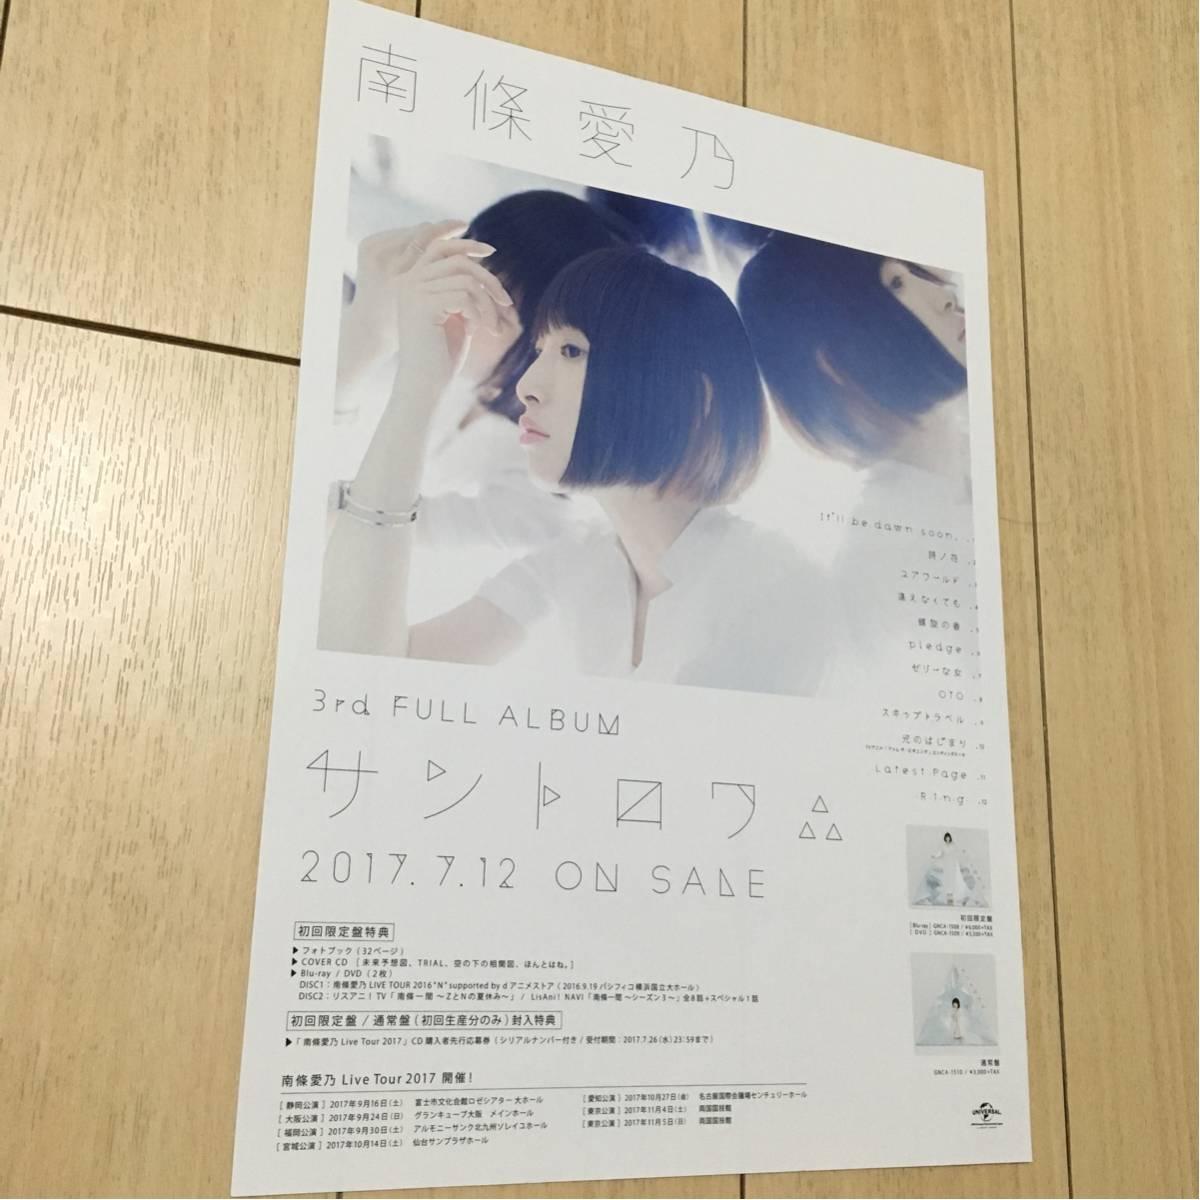 南條愛乃 3rd full album 発売 告知 チラシ 2017 サントロワ フル アルバム live tour